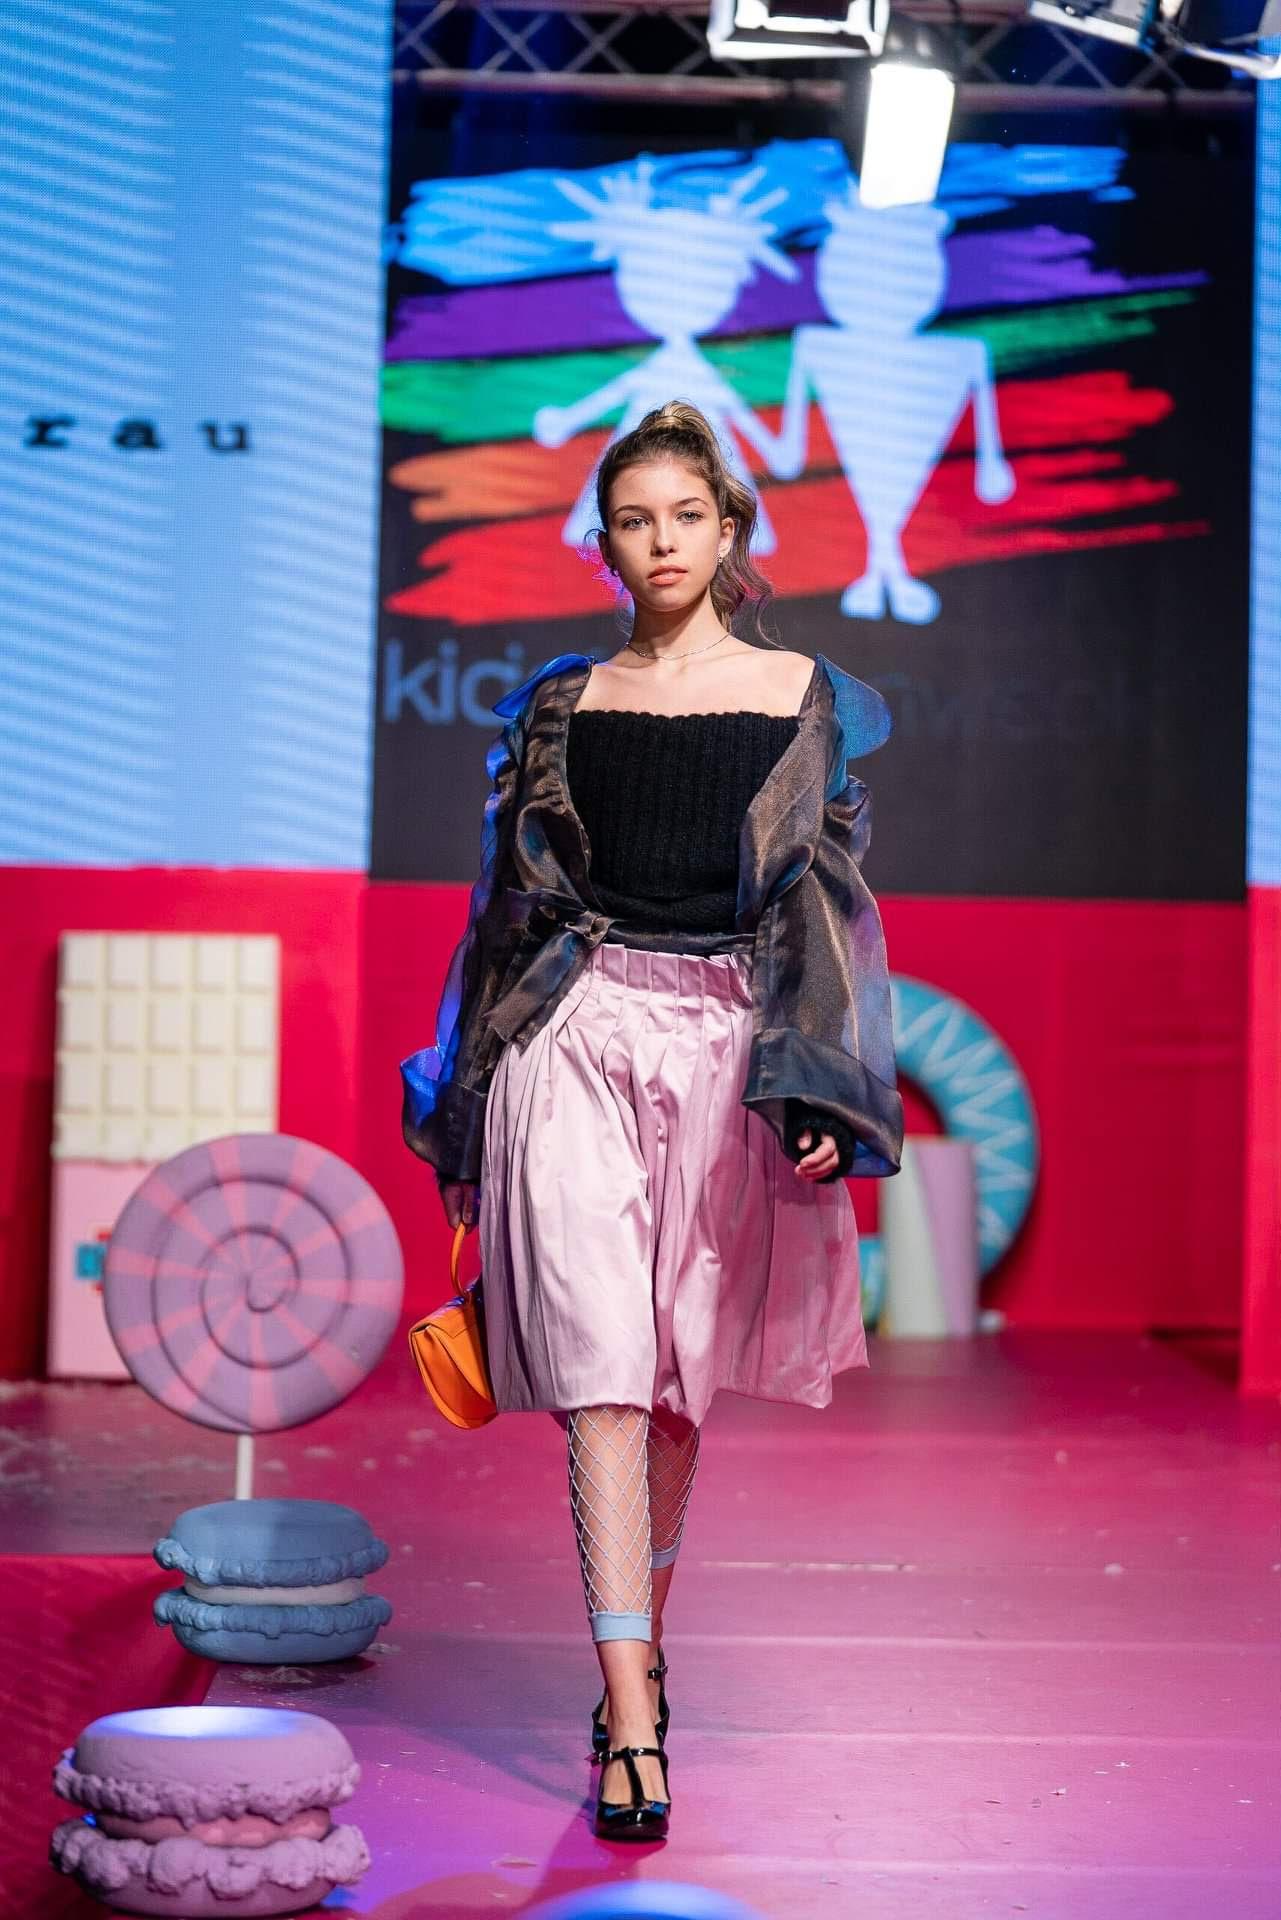 Kids Fashion Week 2019